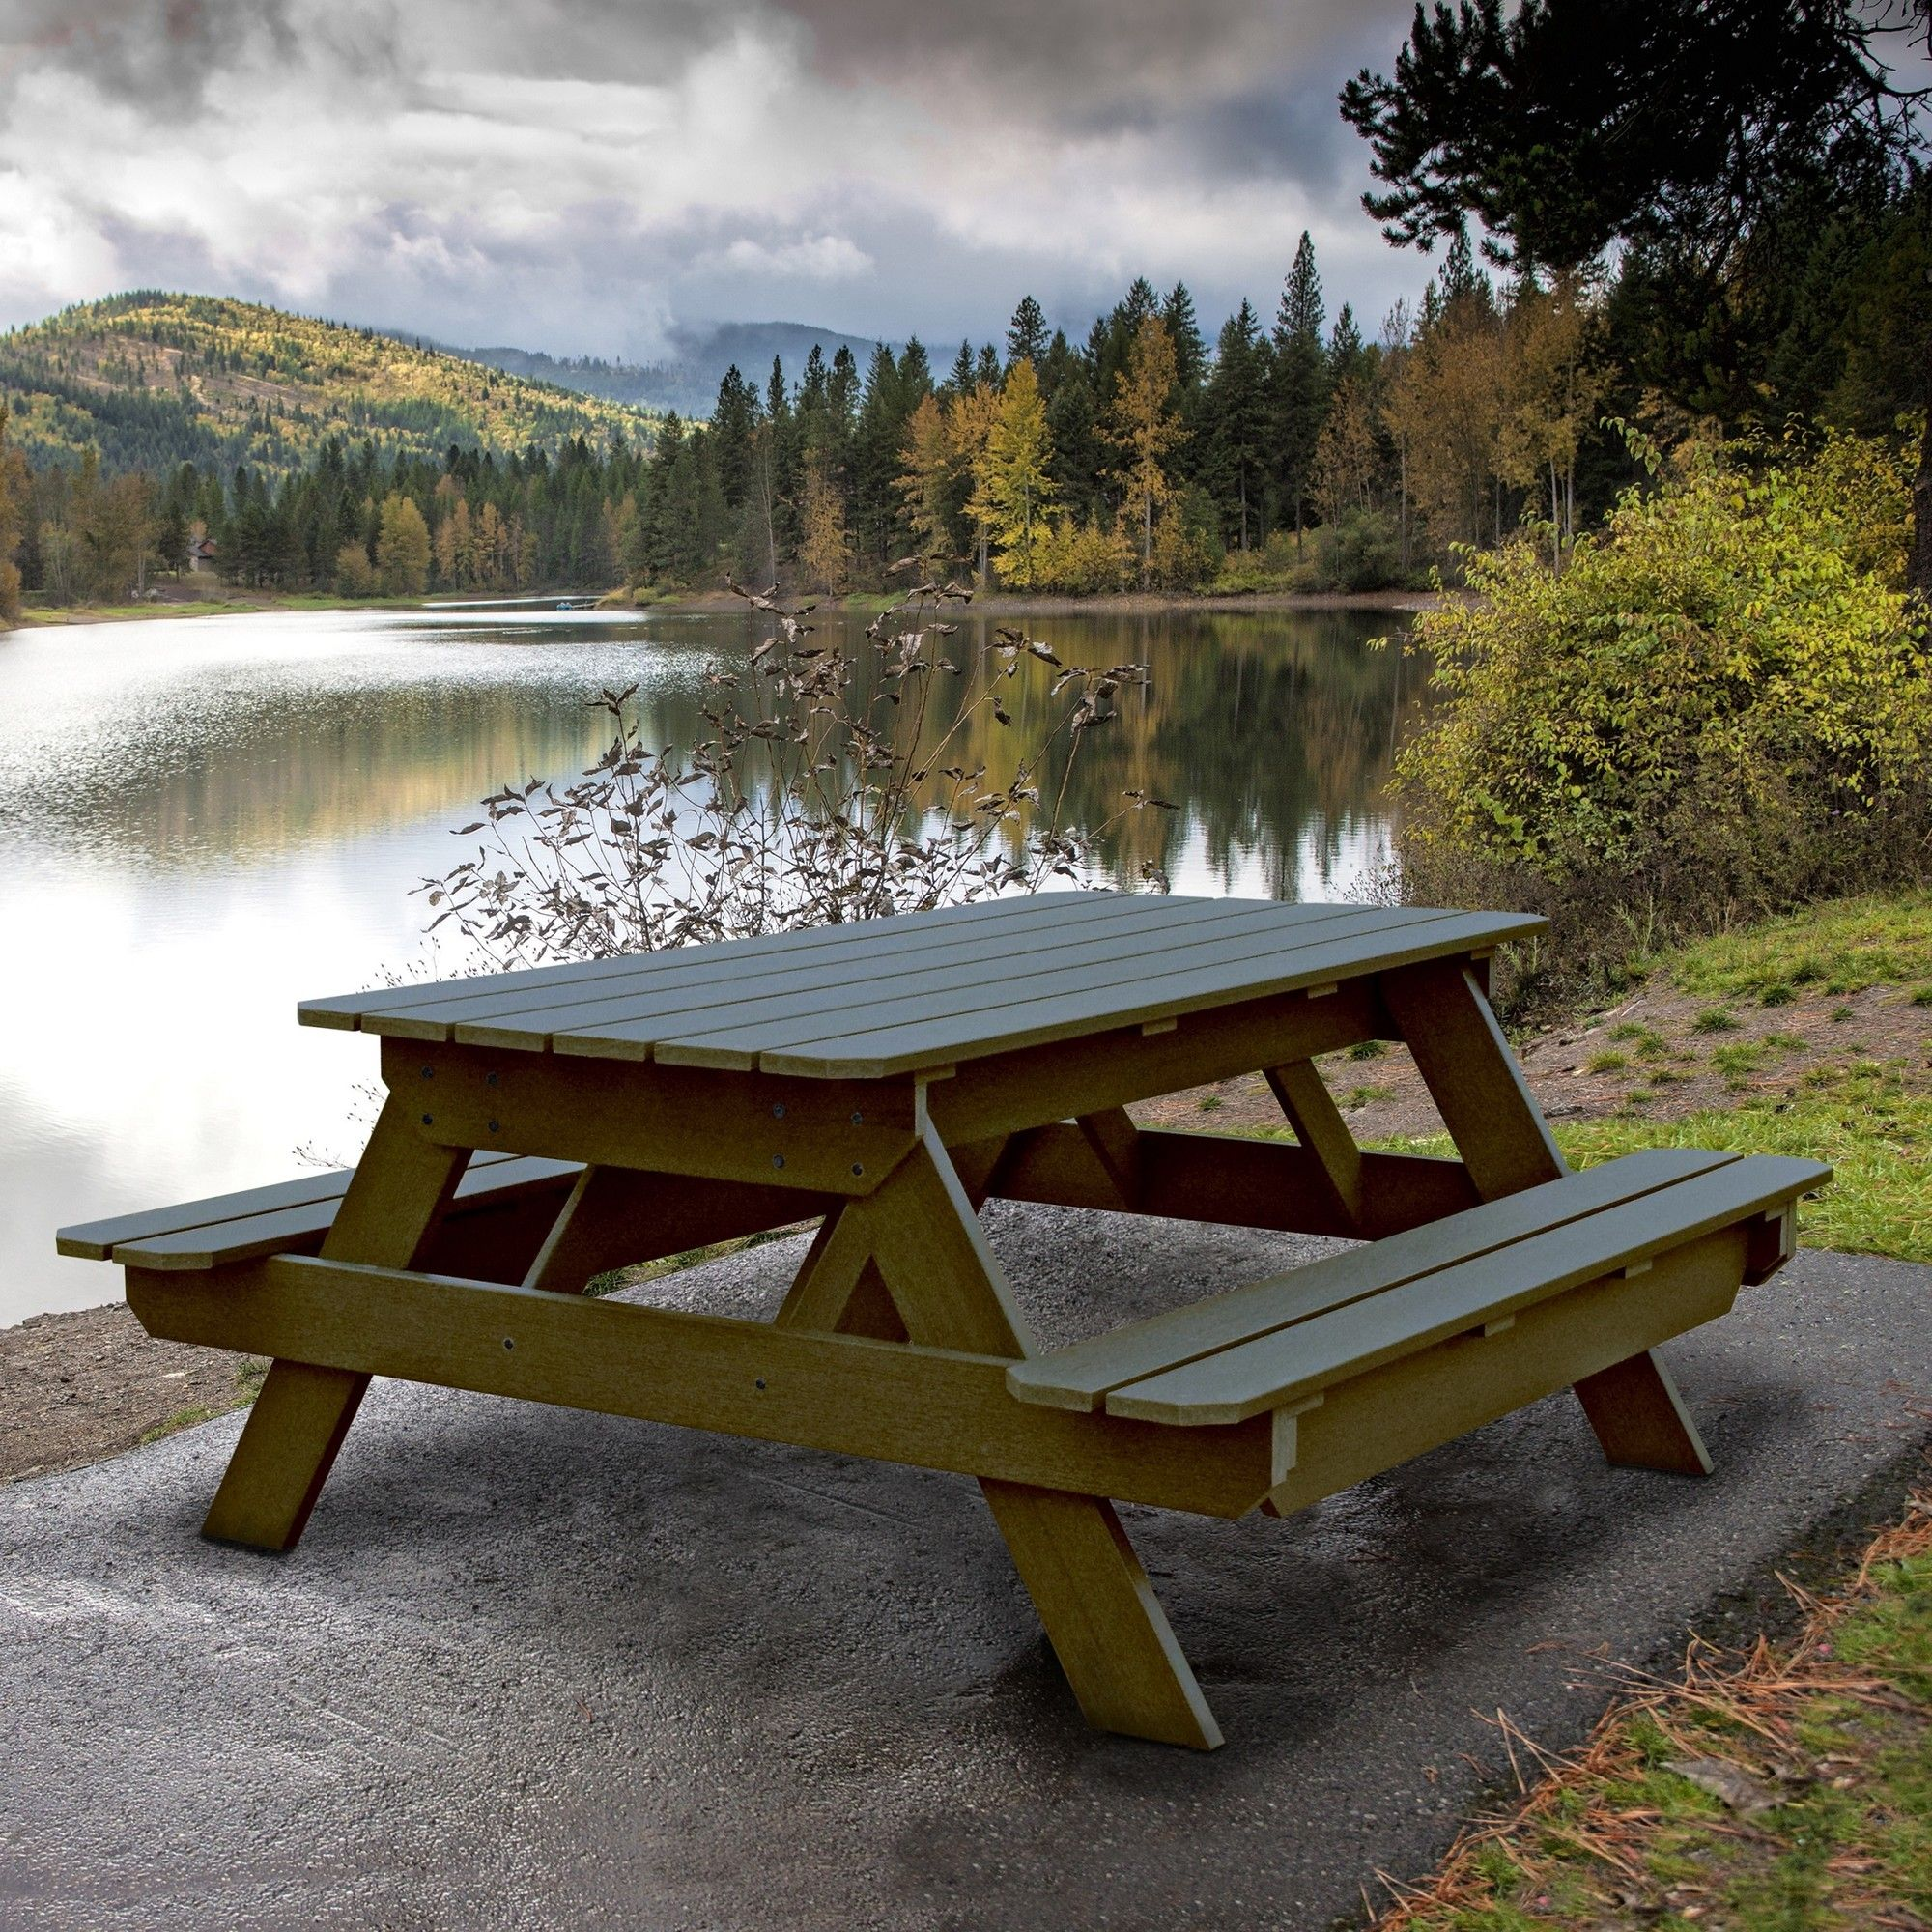 Cimarron End Table Picnic Table Outdoor Lawn Garden